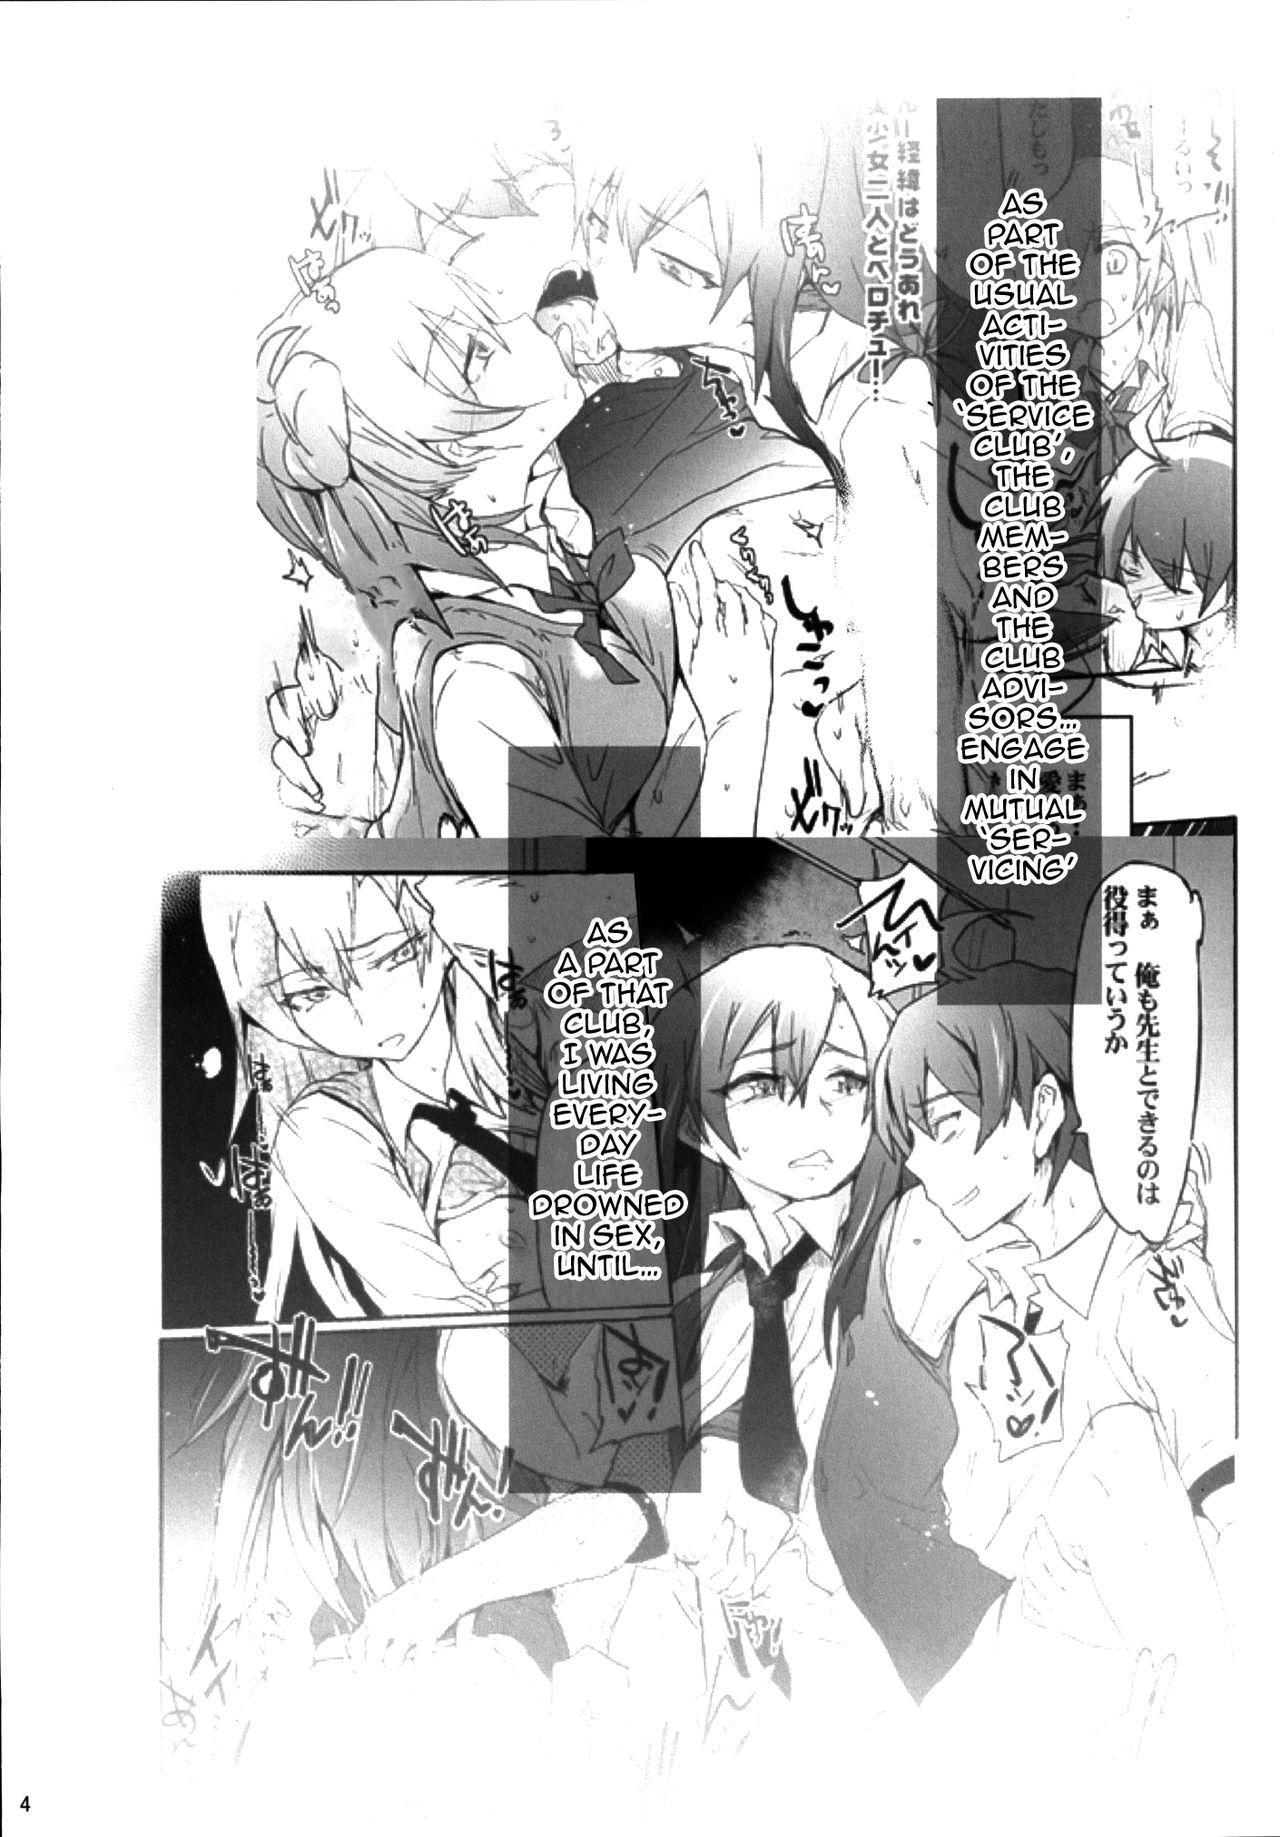 Houshi-bu no Seiteki na Katsudou no Seika.   The Sexual Activities Of The Volunteer Club 2